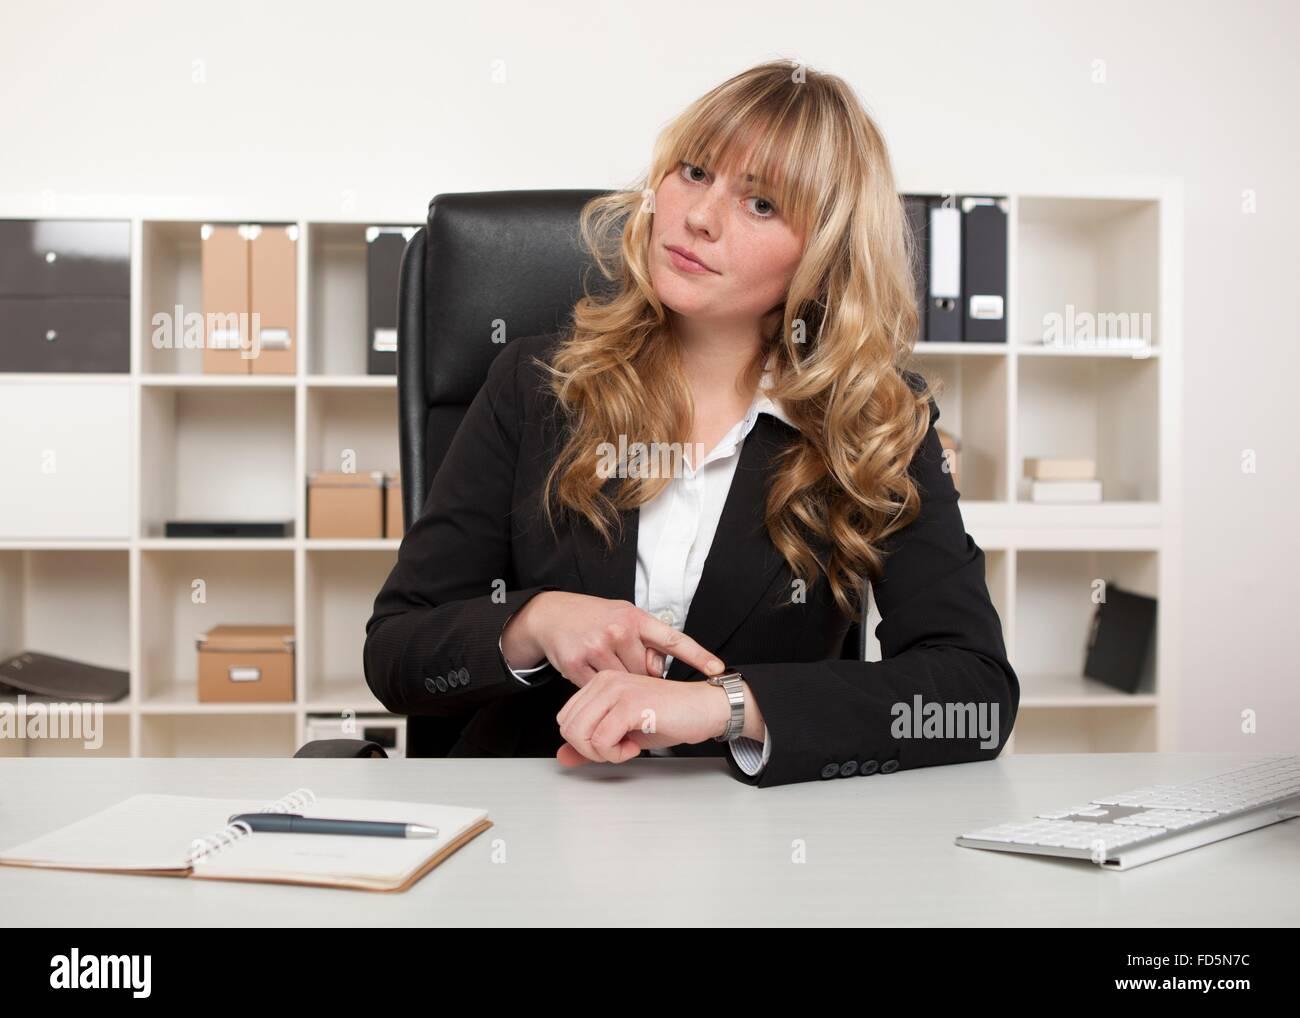 Direttrice seduto alla sua scrivania in ufficio rivolta a lei guarda la realizzazione di un punto che qualcuno è Immagini Stock